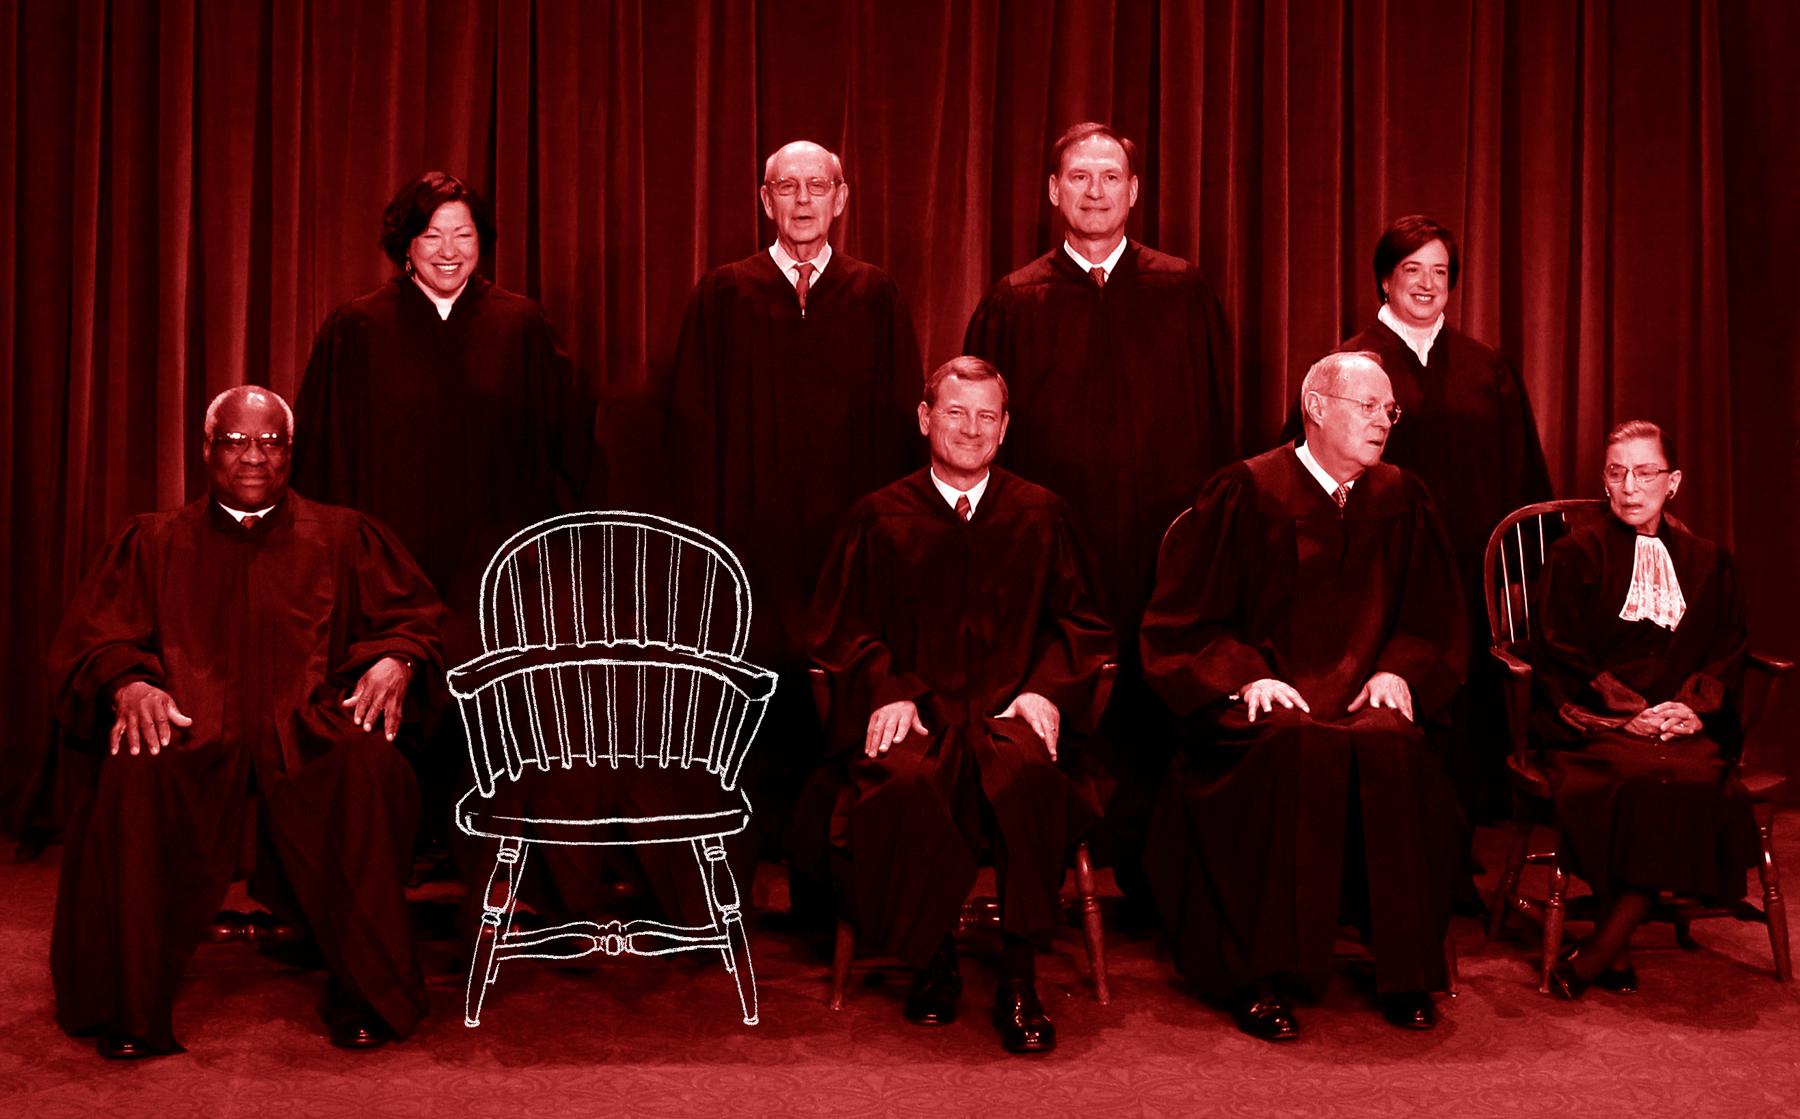 Trump, Supreme Court